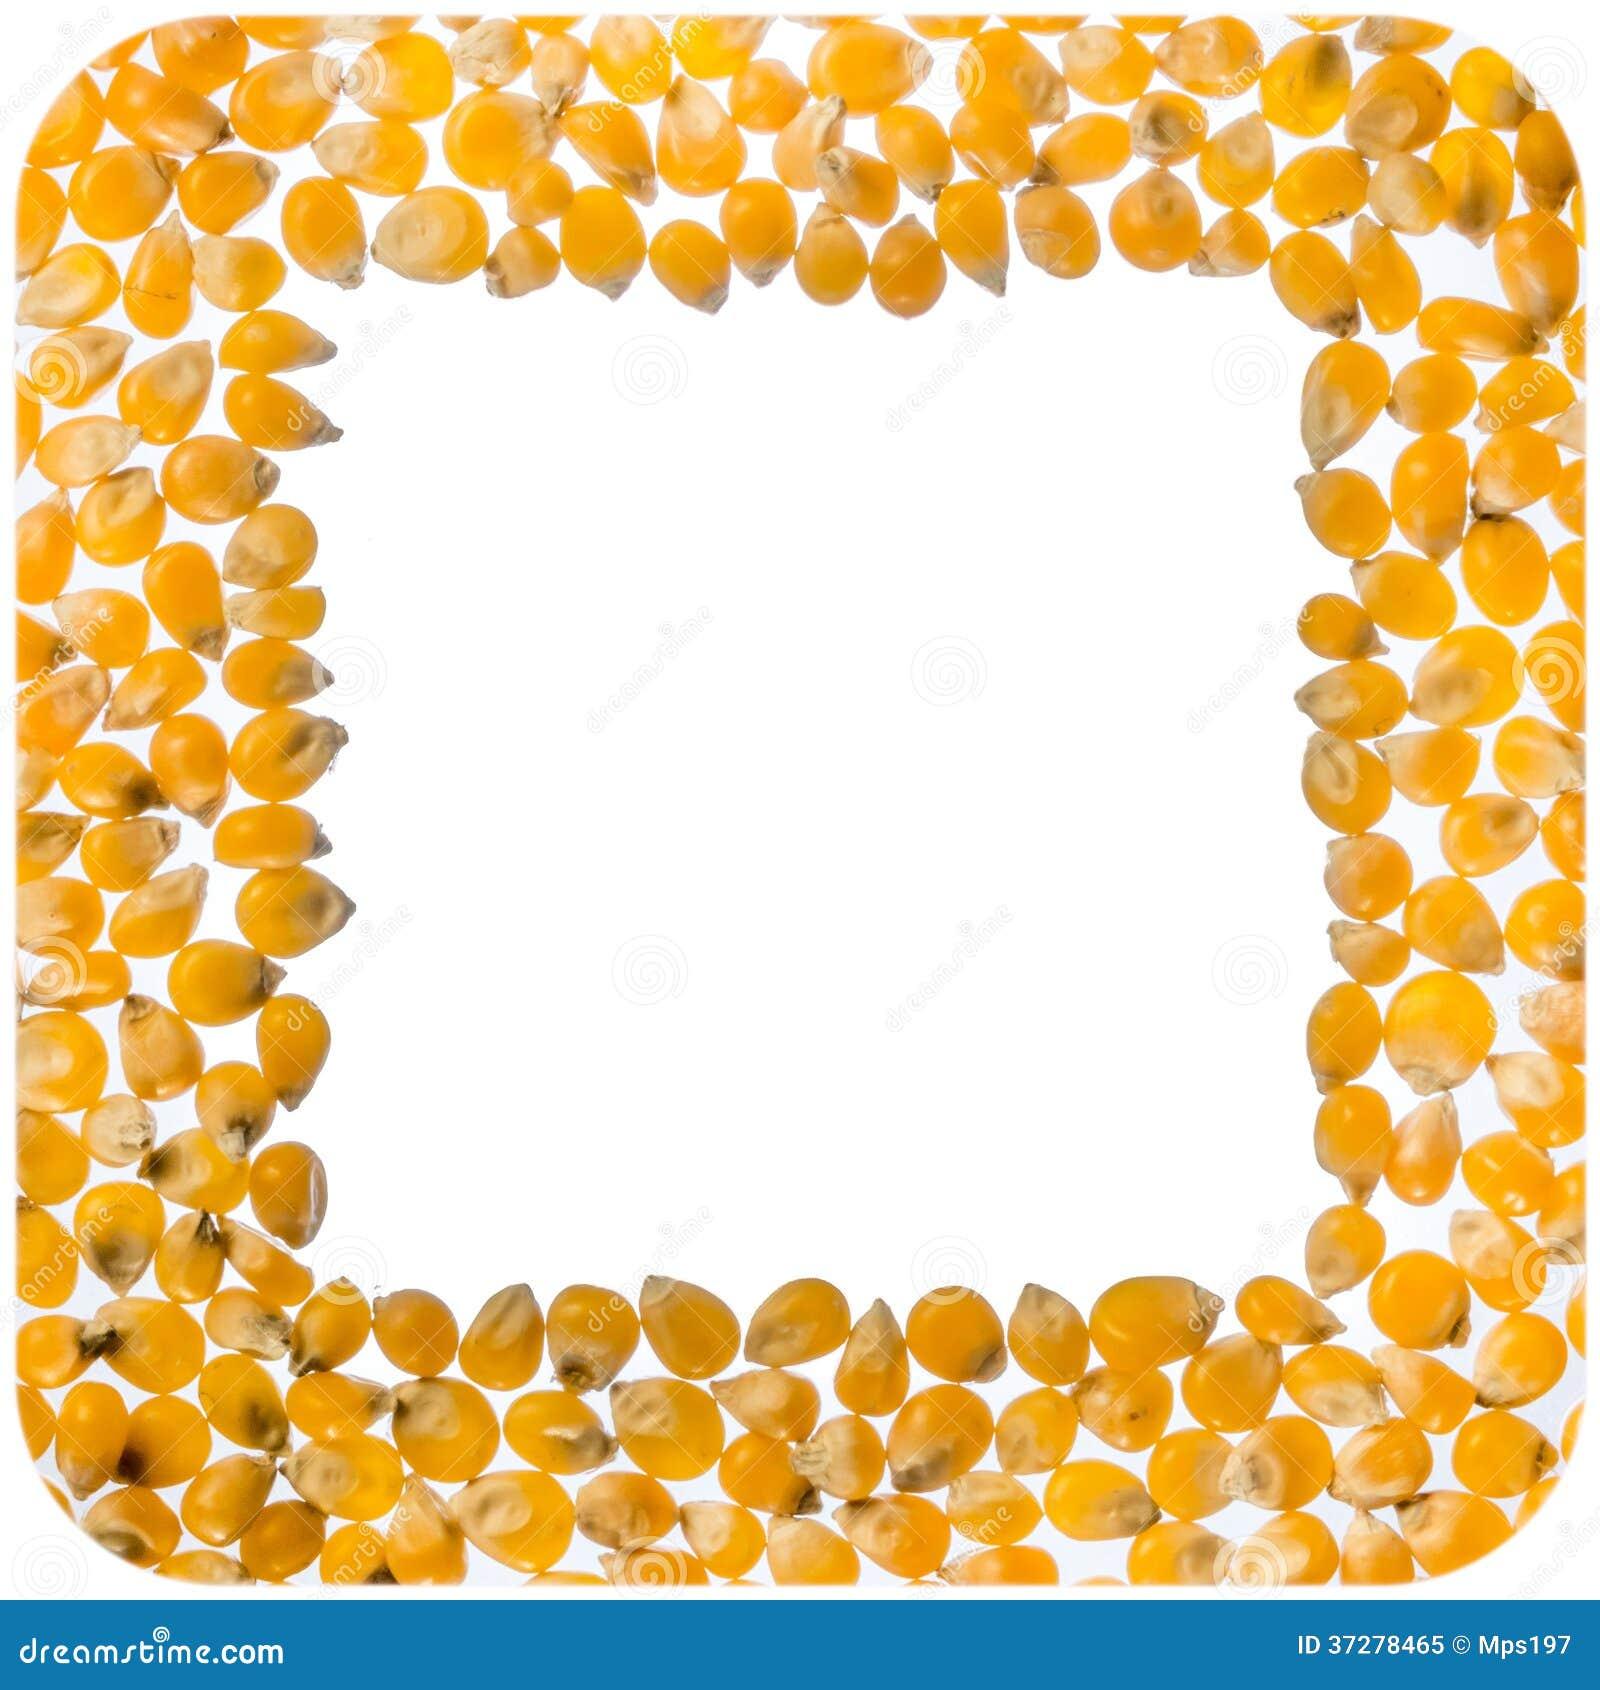 玉米花仁正方形框架